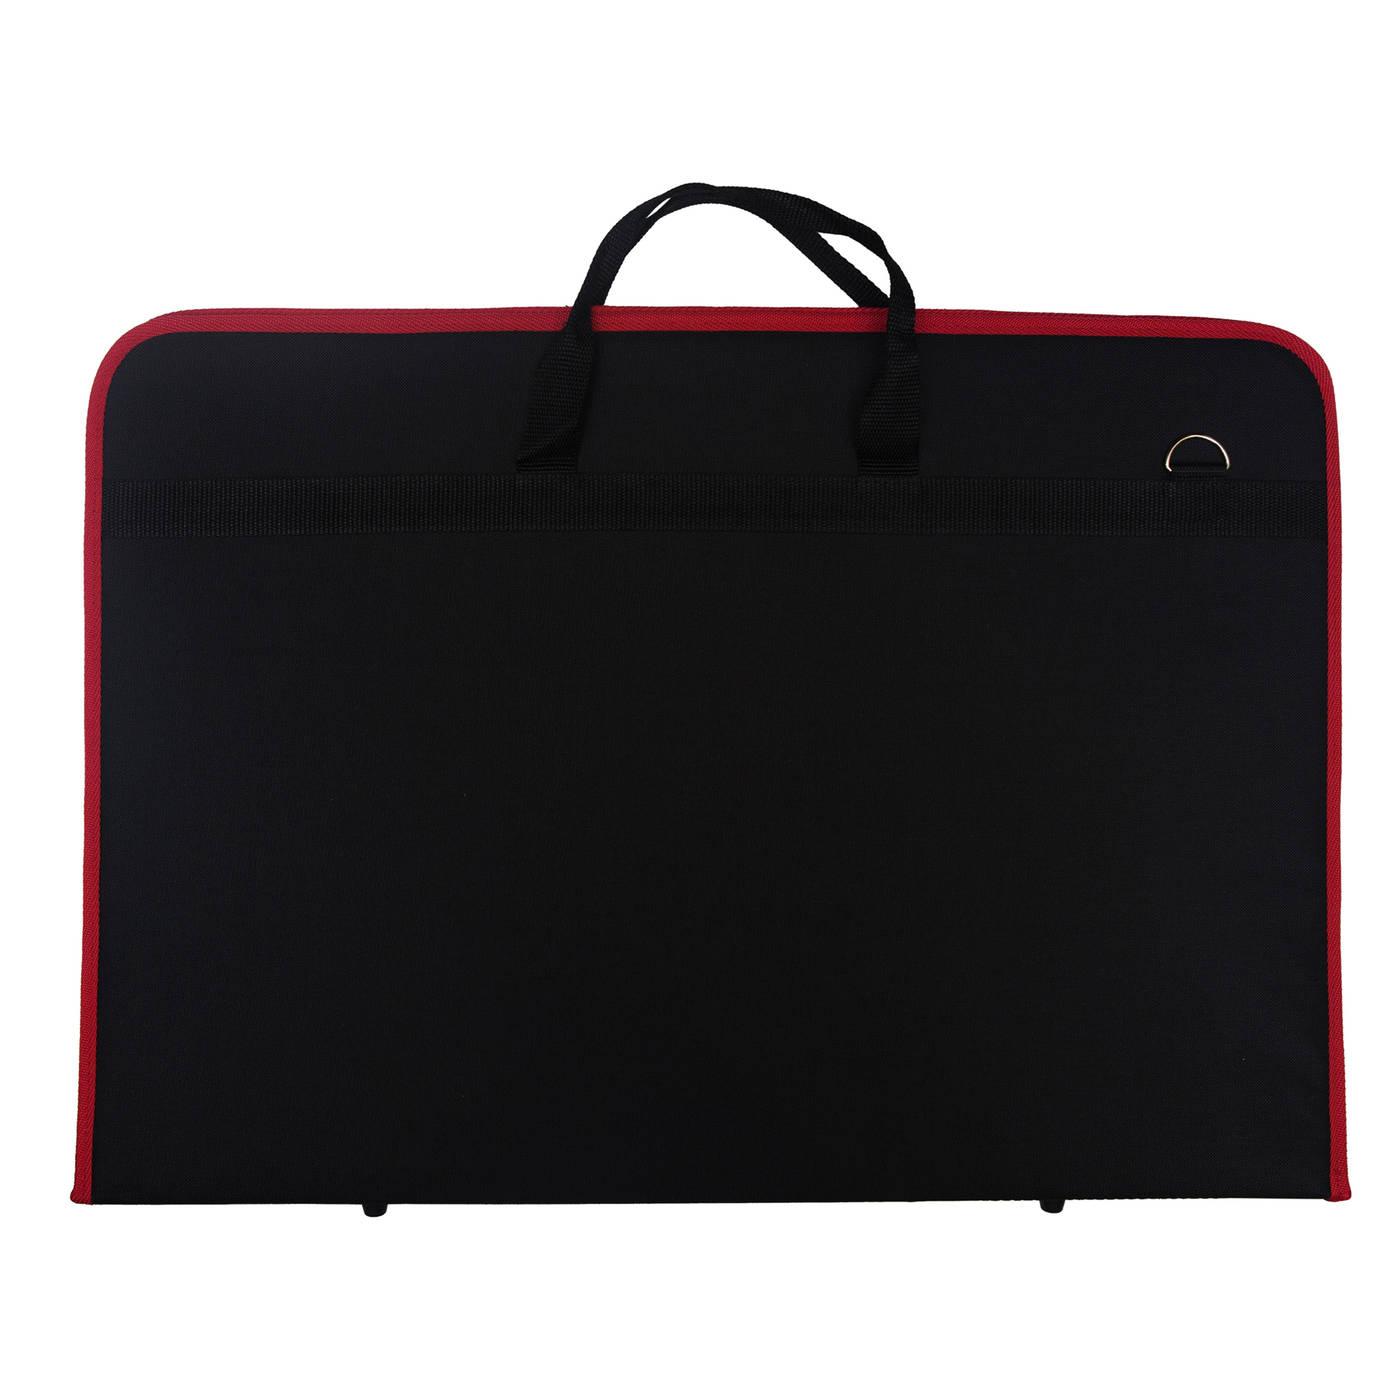 Купить Папка А1 цвет черный с красным кантом, Эстадо, Россия